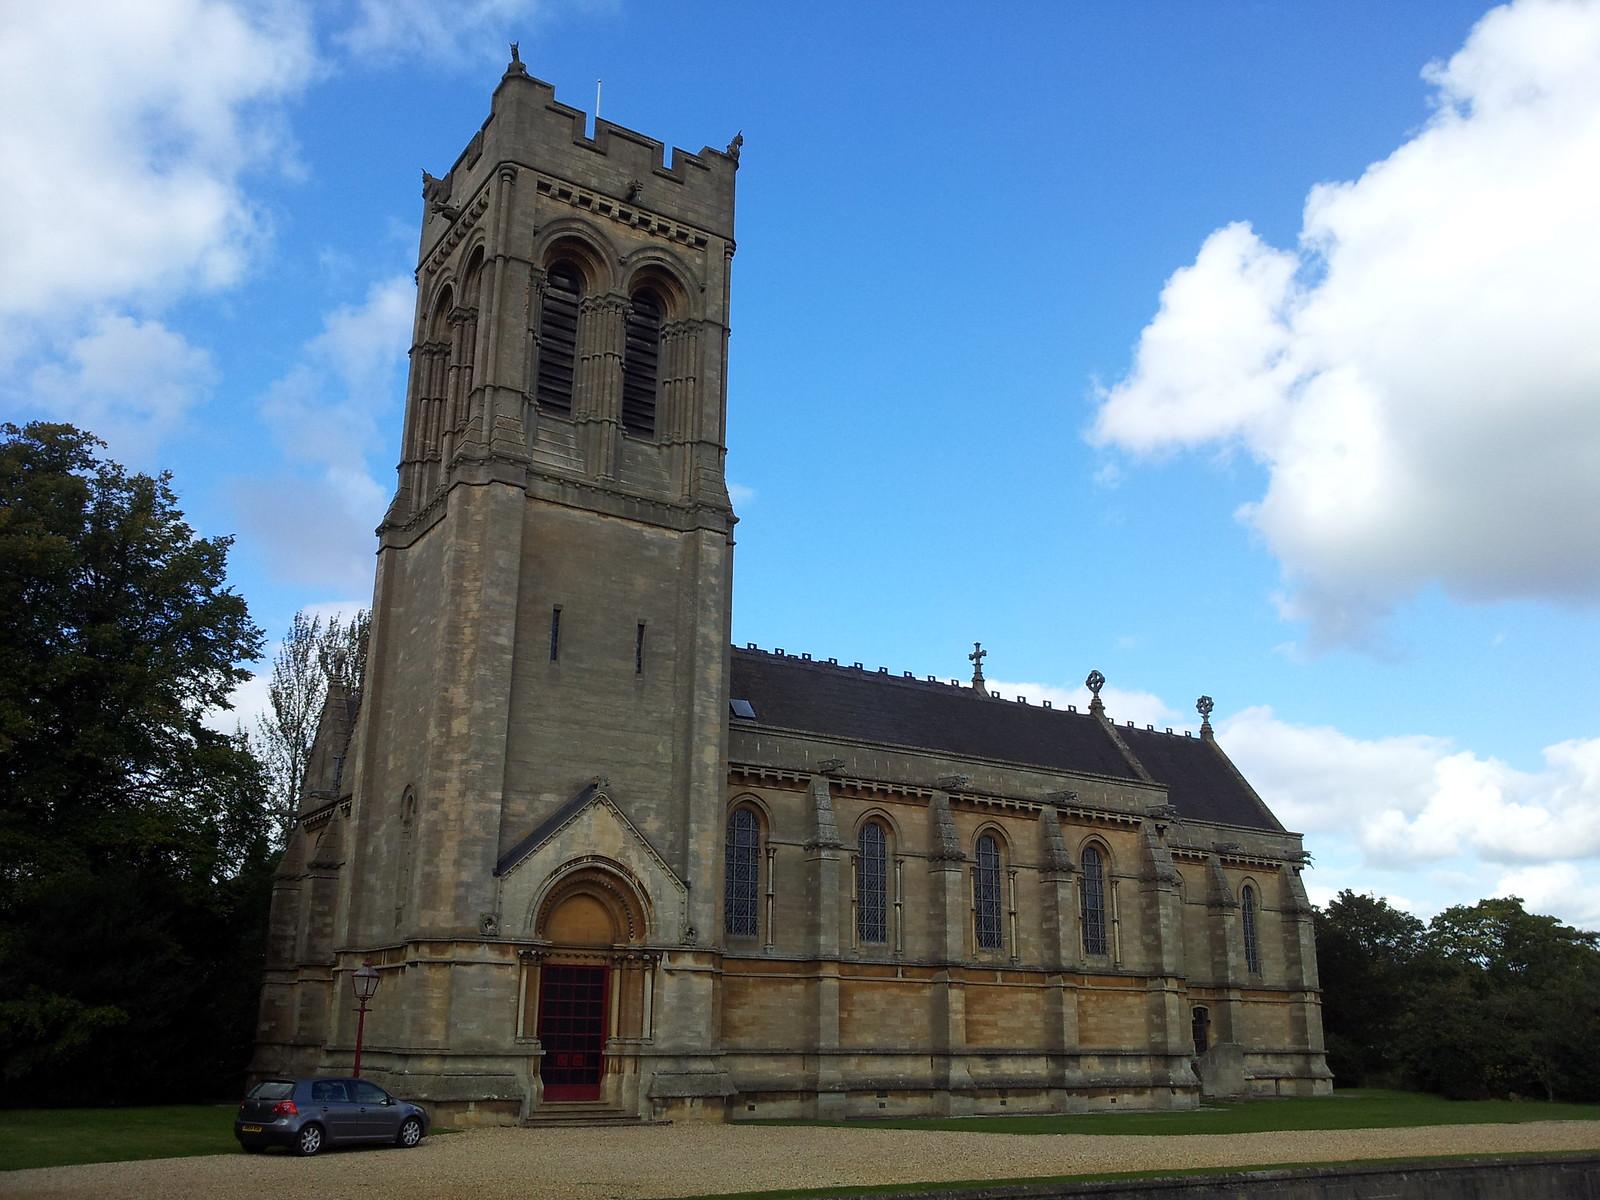 2012-09-29 14.37.59 Church